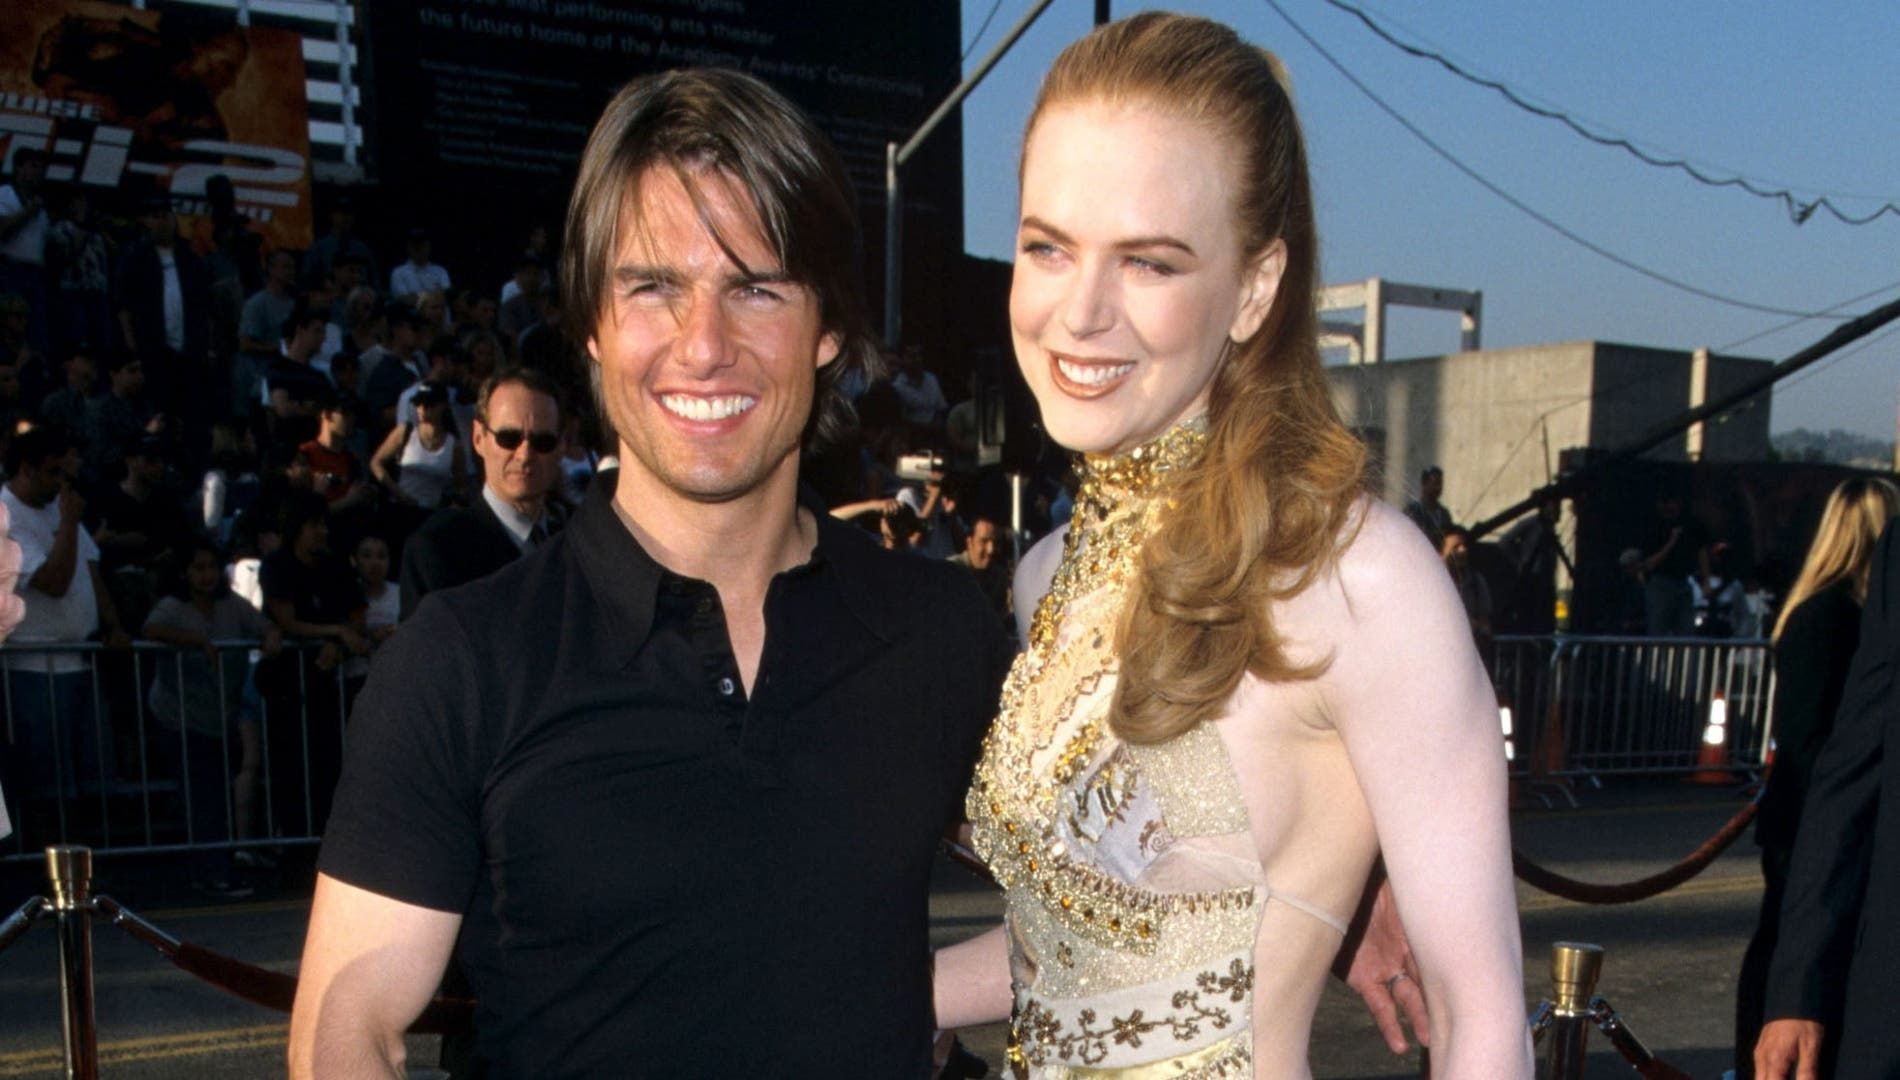 بعد 20 عام من انفصالهما نيكول كيدمان تتحدث عن زواجها بتوم كروز وتصفه بـ الزواج السعيد Celebrities Nicole Kidman Celebrity Couples